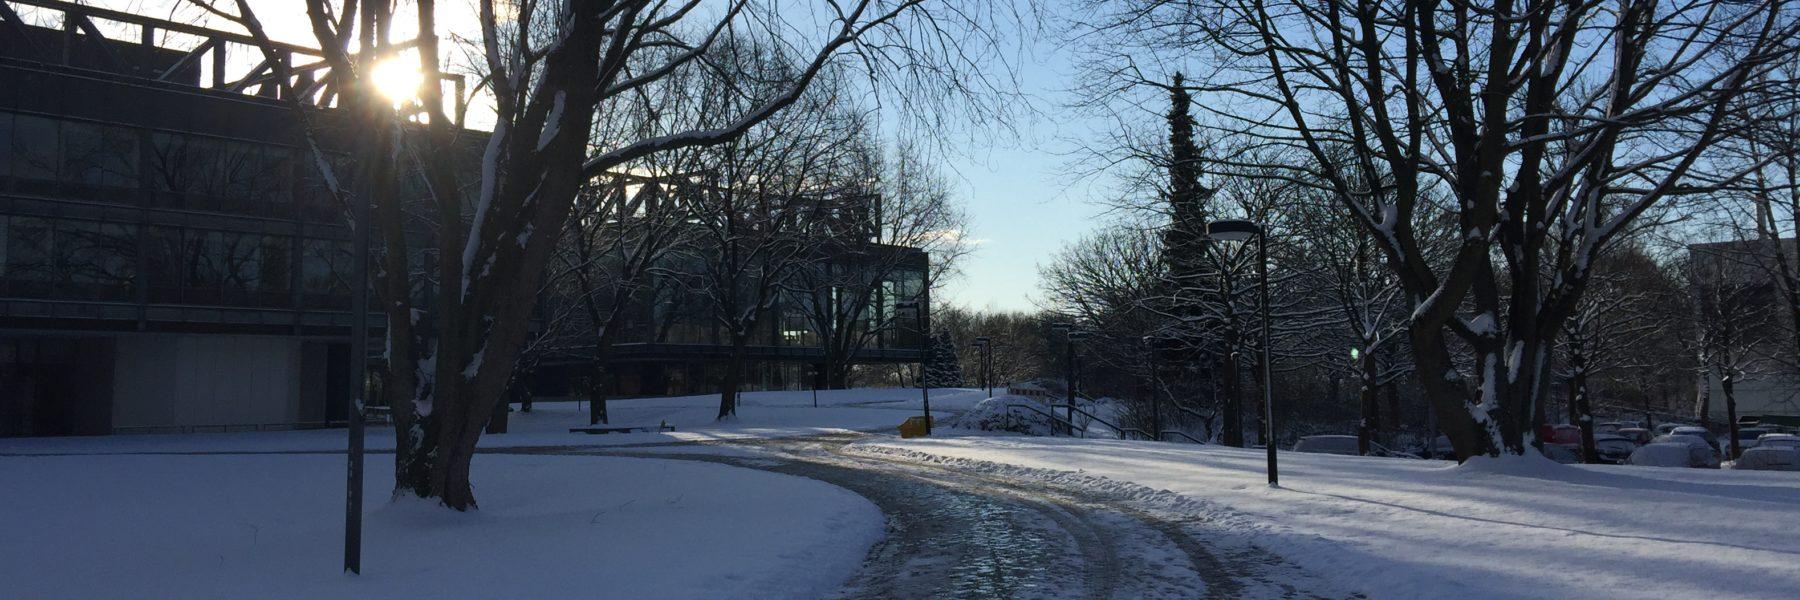 HSU Schnee